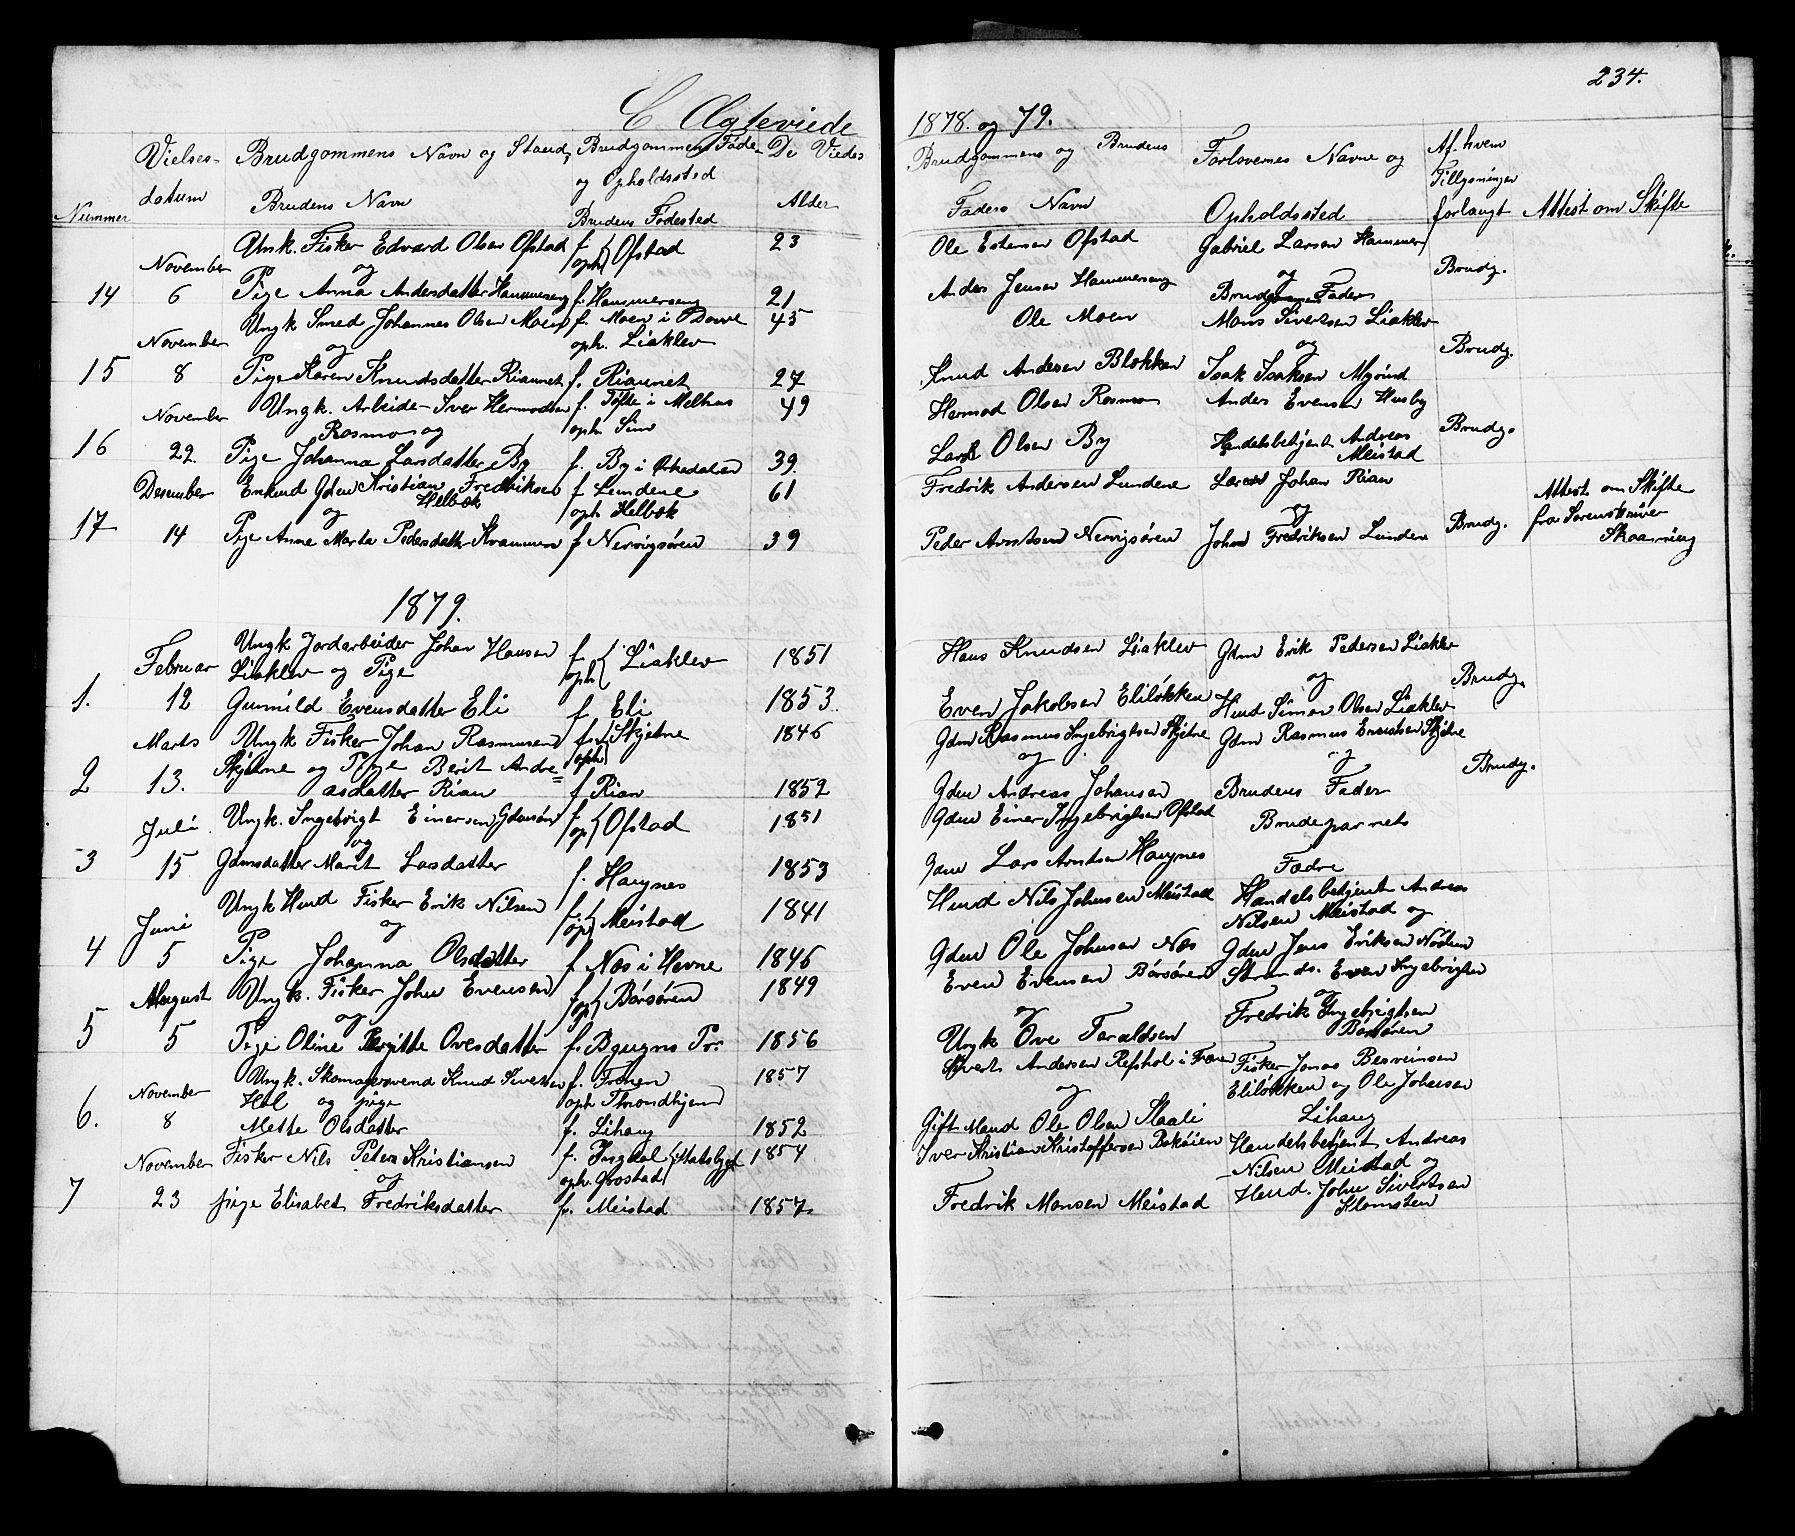 SAT, Ministerialprotokoller, klokkerbøker og fødselsregistre - Sør-Trøndelag, 665/L0777: Klokkerbok nr. 665C02, 1867-1915, s. 234